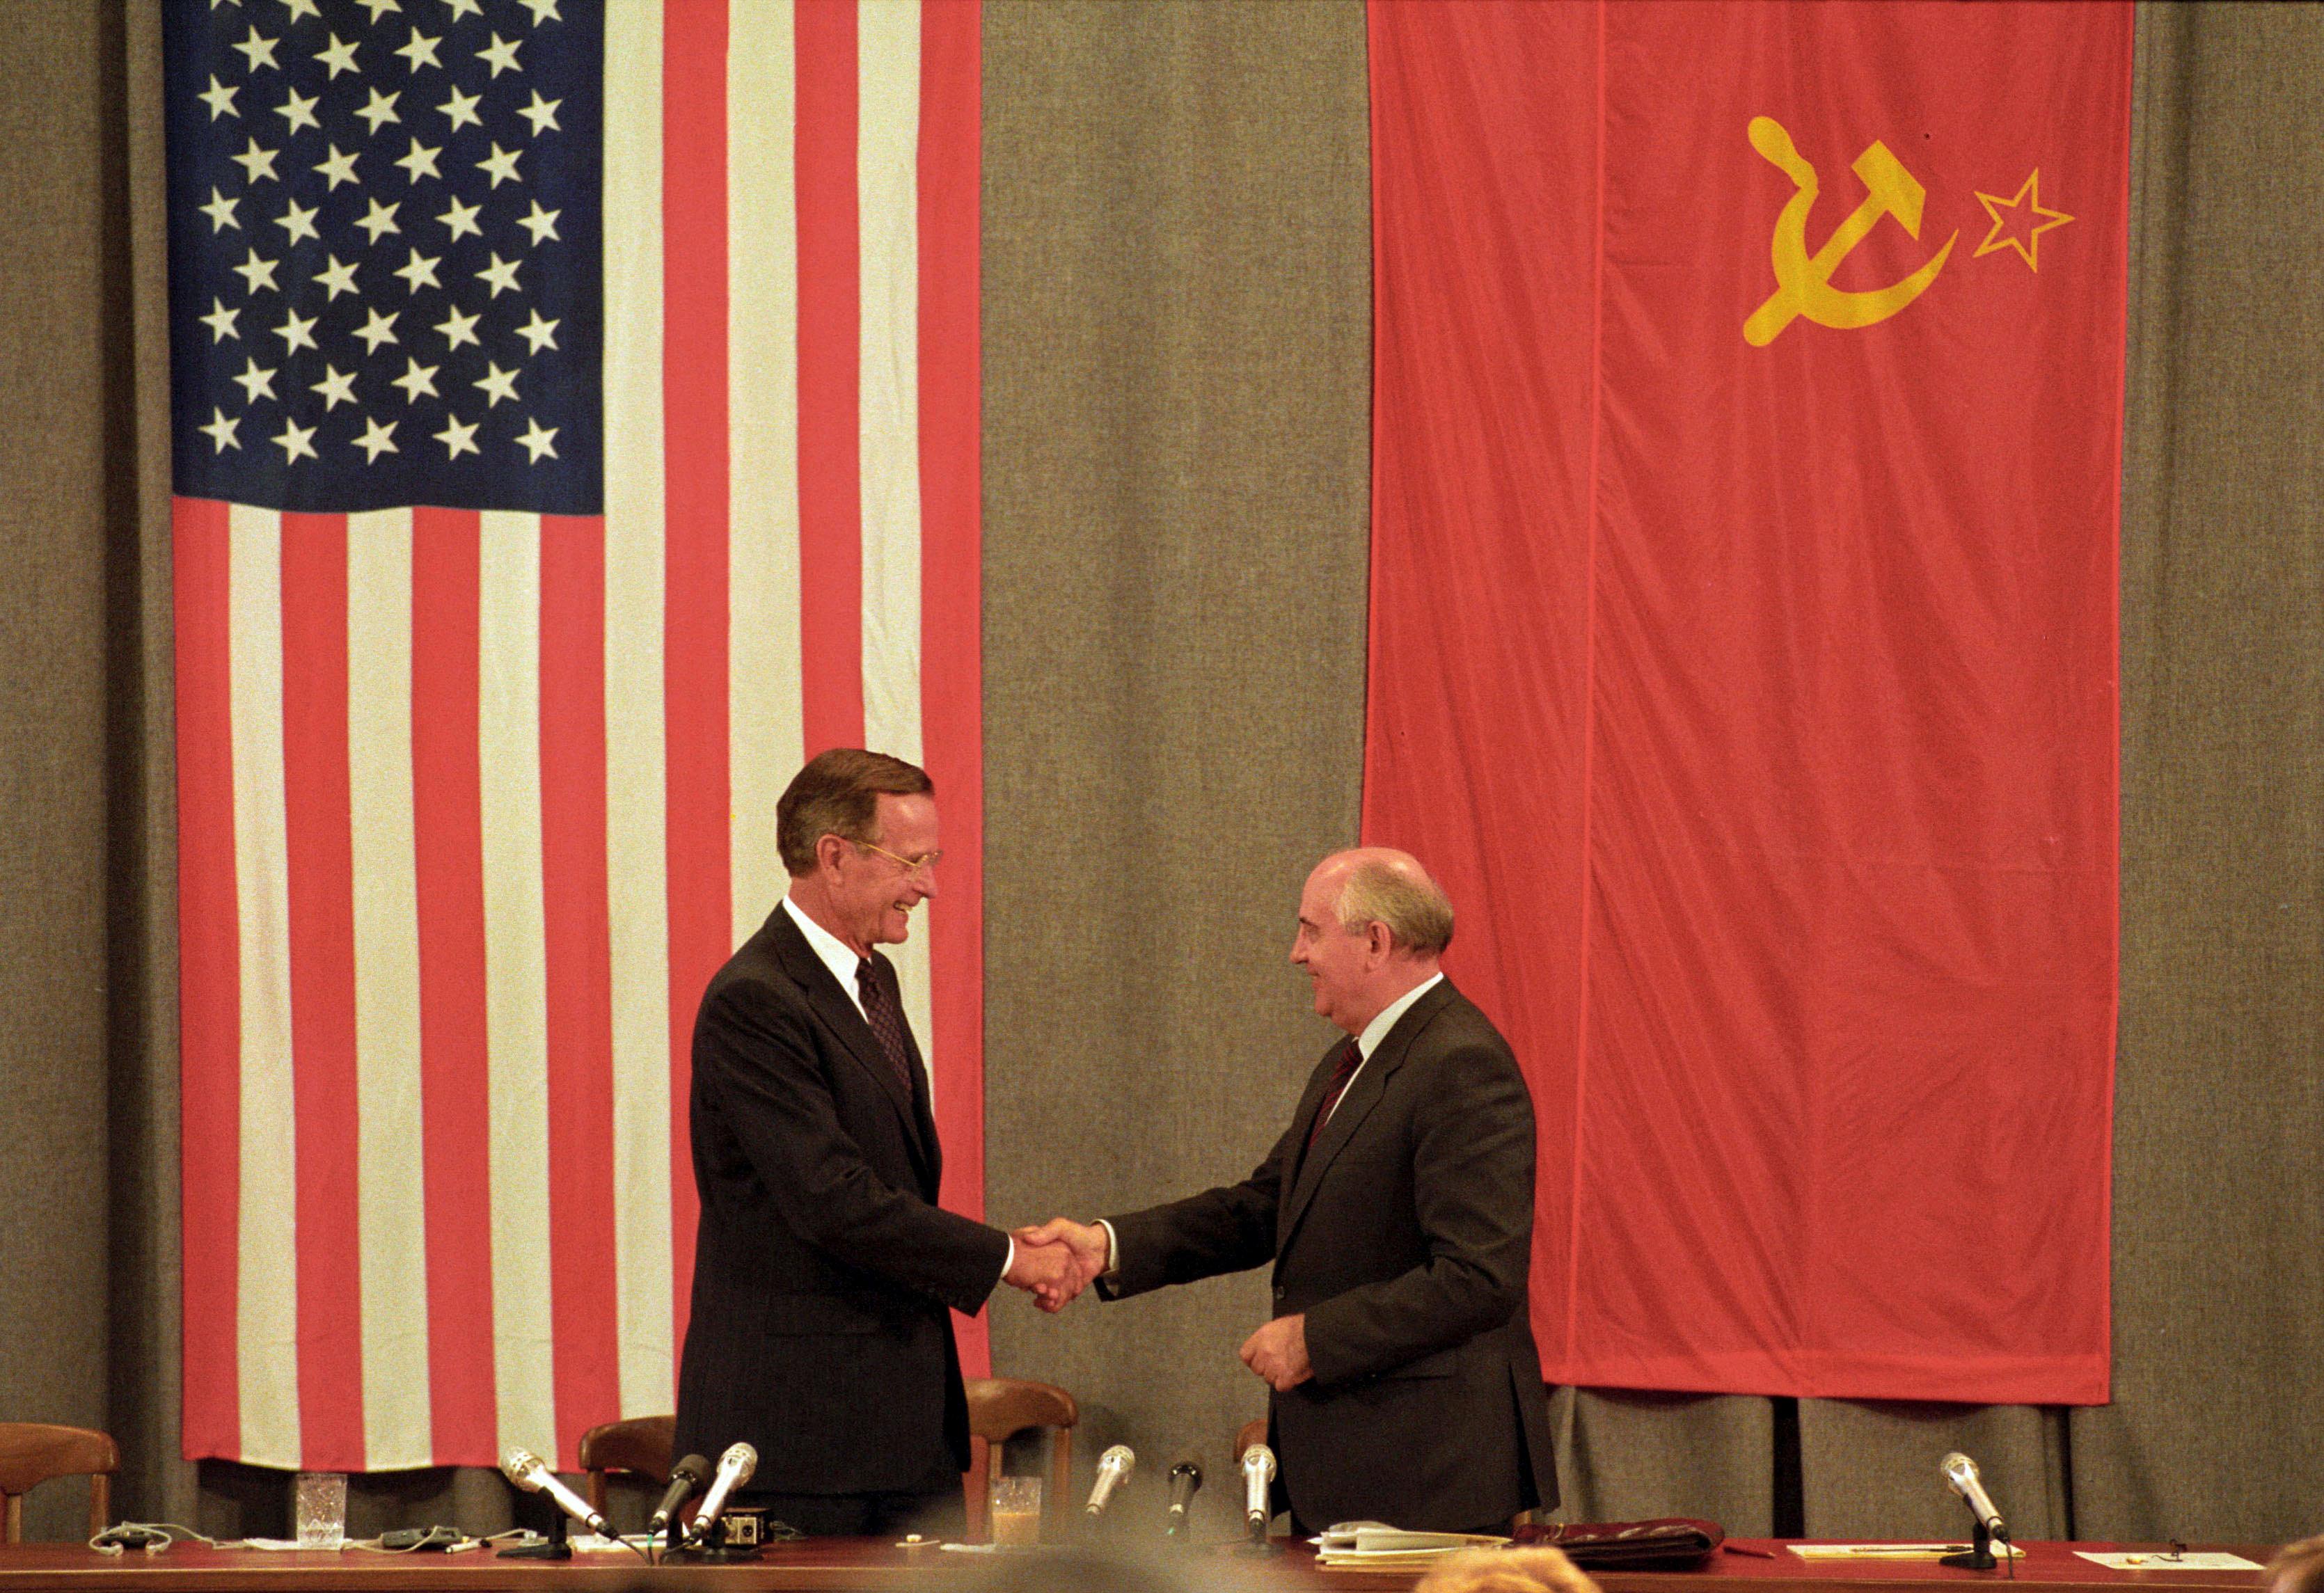 George H. W. Bushy Mikhail Gorbachev. (REUTERS/Rick Wilking)